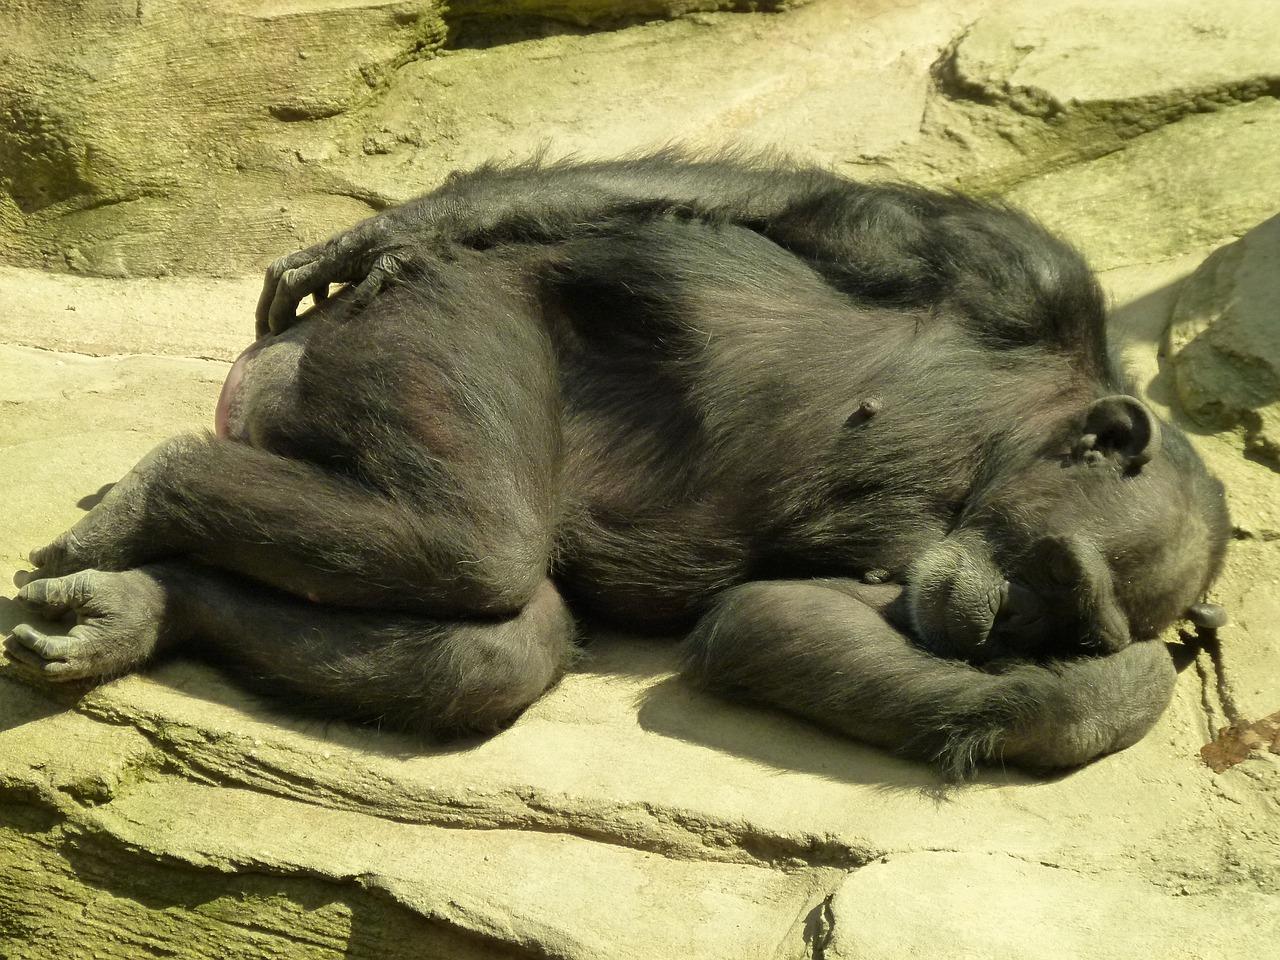 обоях фото как спят животные раз